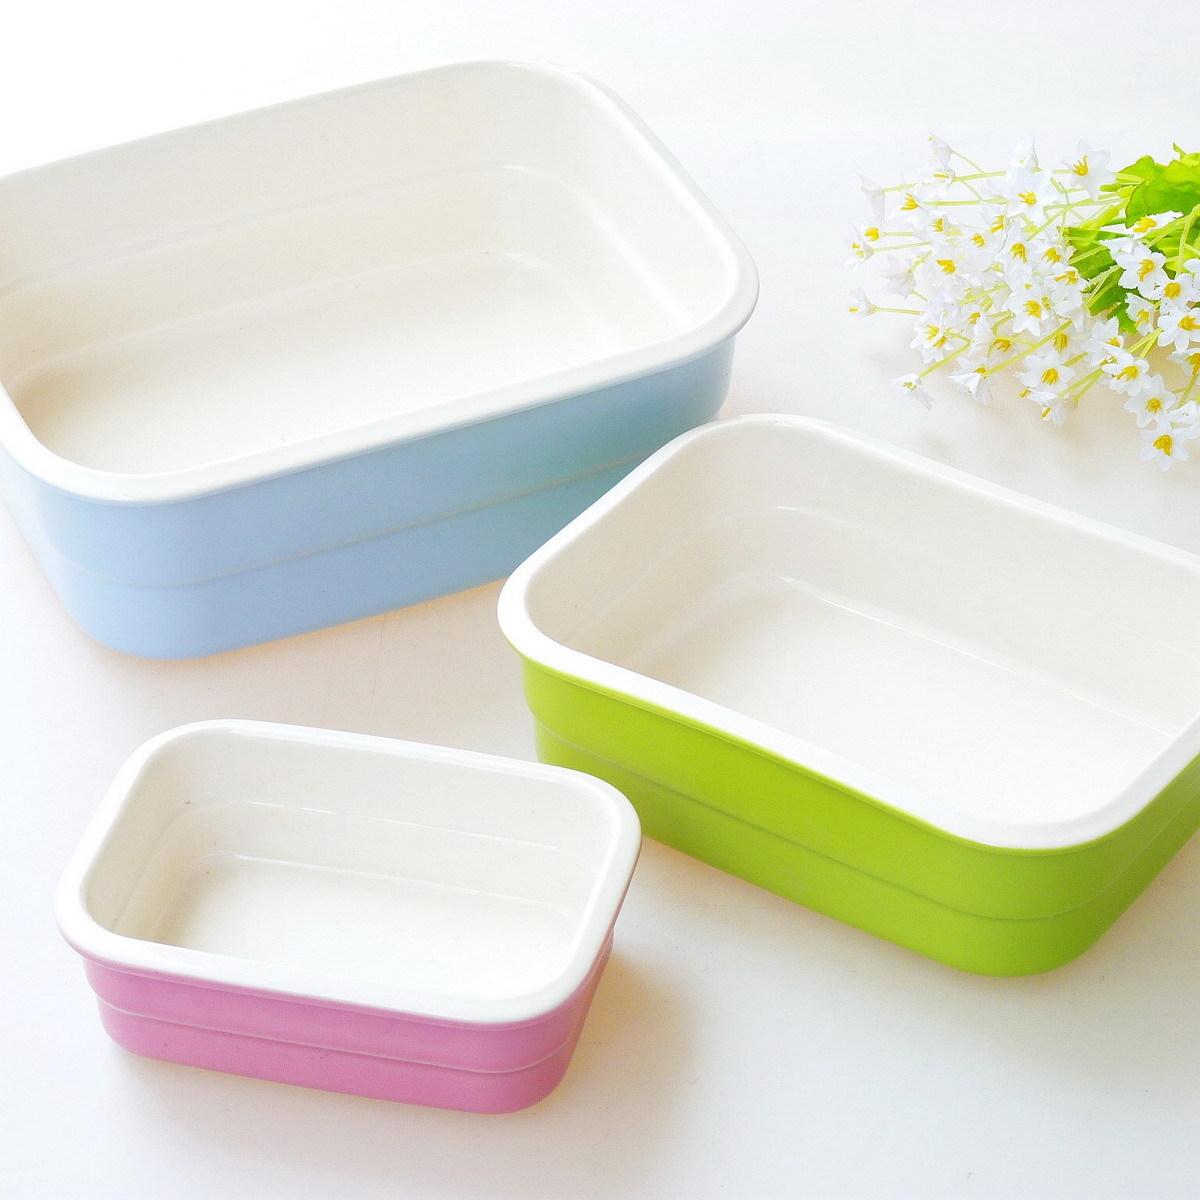 外贸余单陶瓷餐具 烤箱